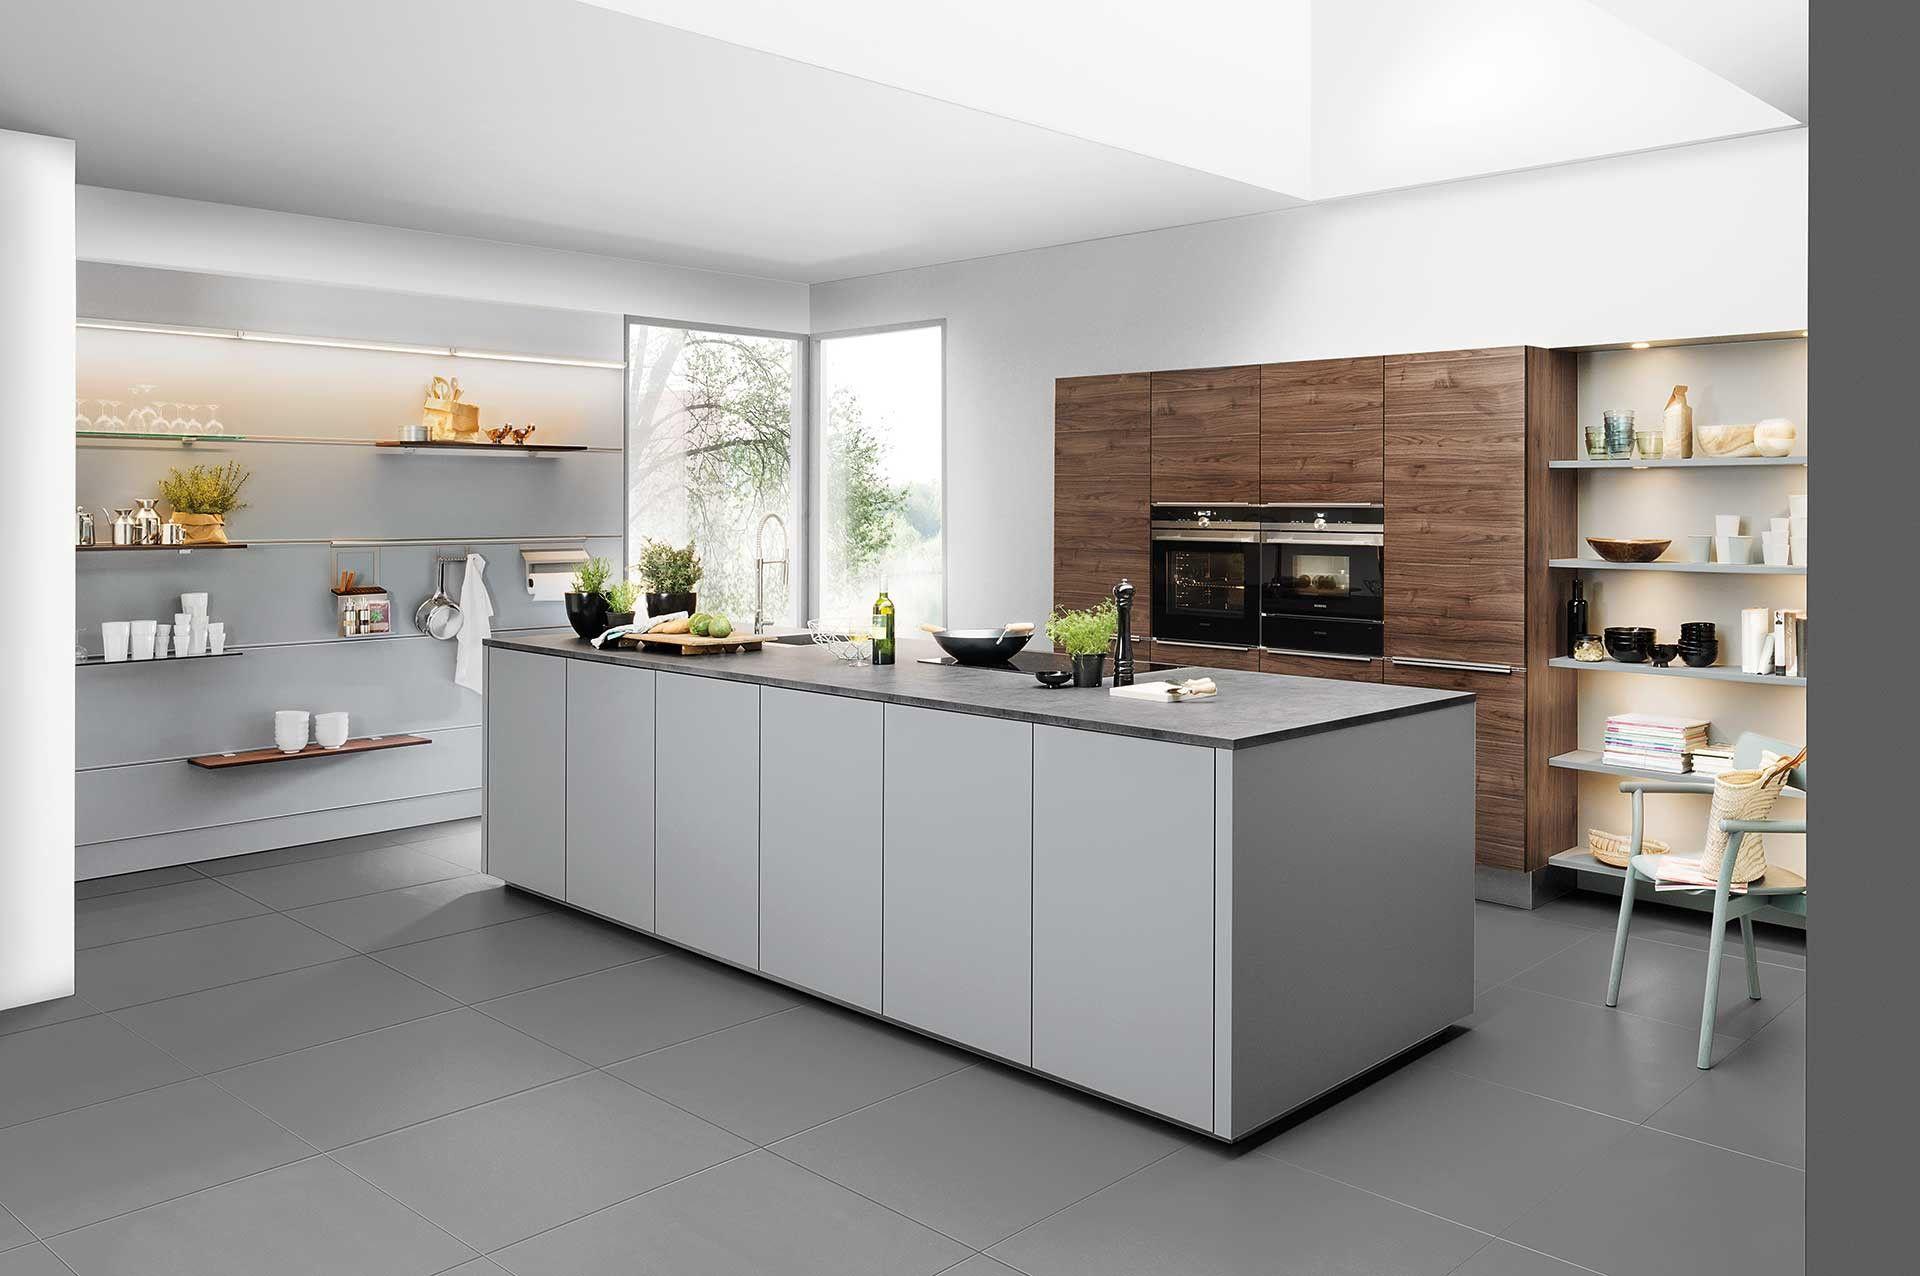 Grijze keuken met hout accenten de lichtgrijze kleur in deze keuken is een populaire kleur die - Kleur die past bij de grijze ...